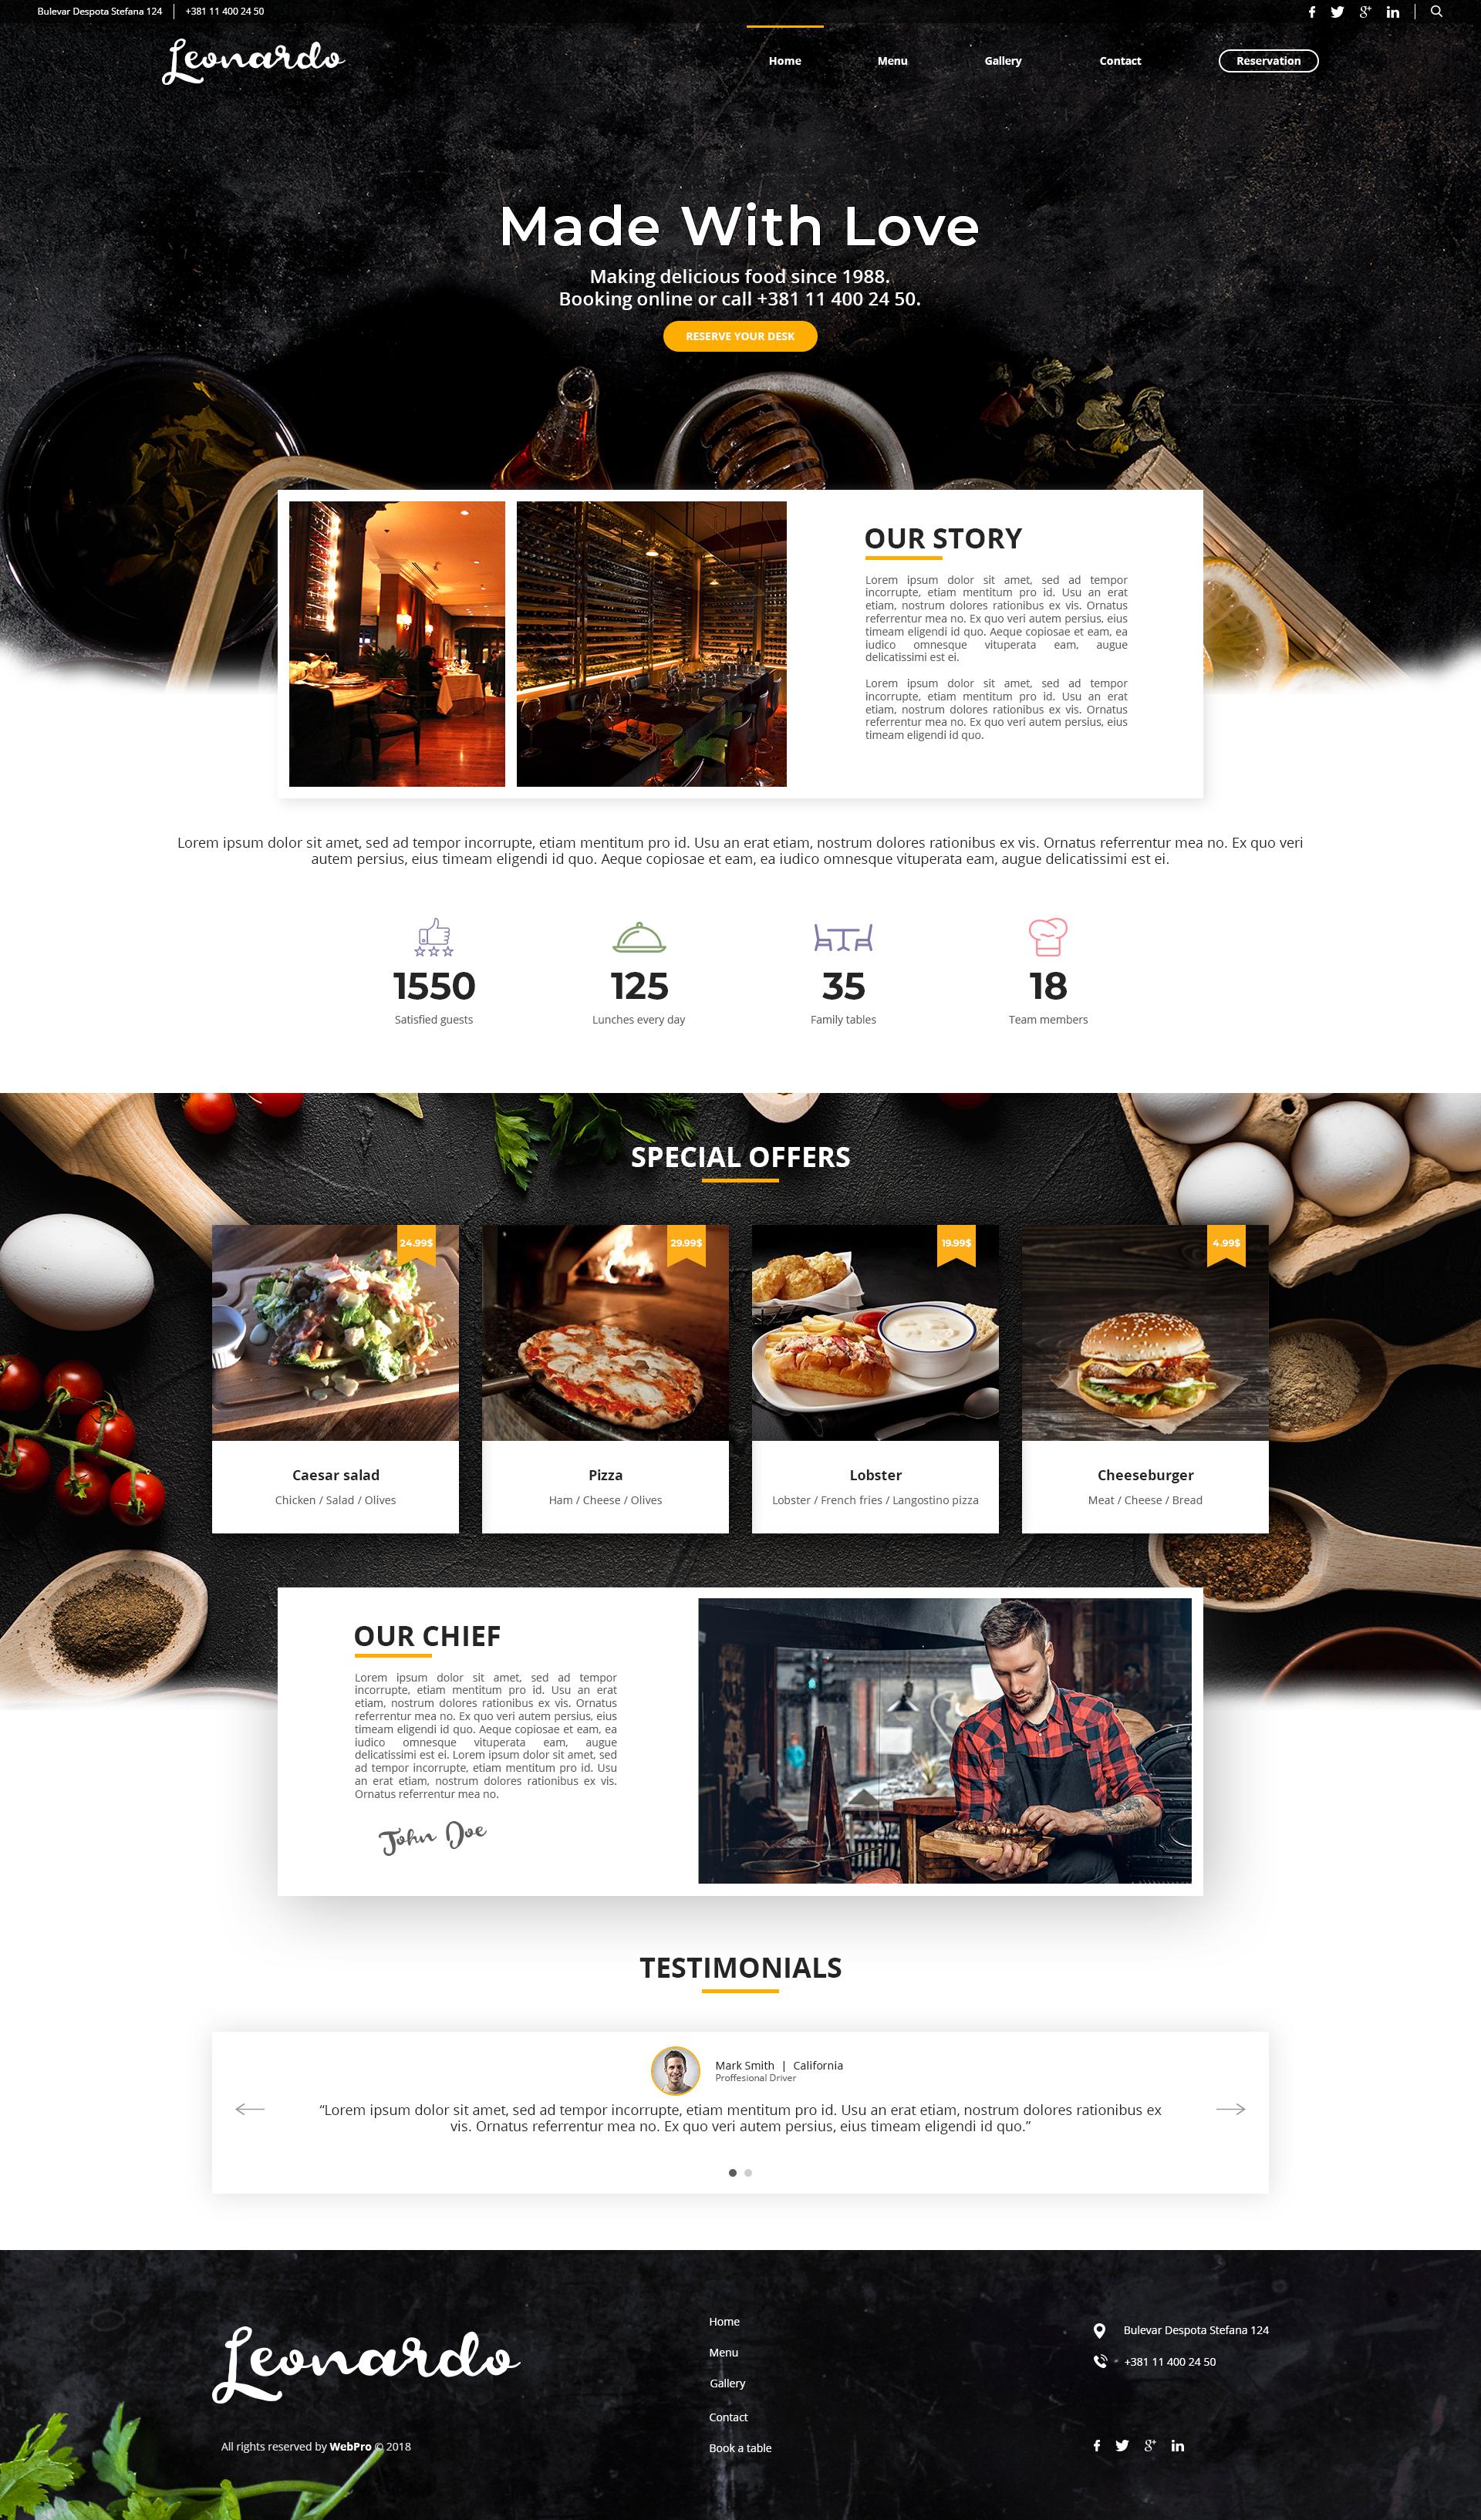 Restaurants Website In 2020 Restaurant Website Design Food Website Design Food Web Design